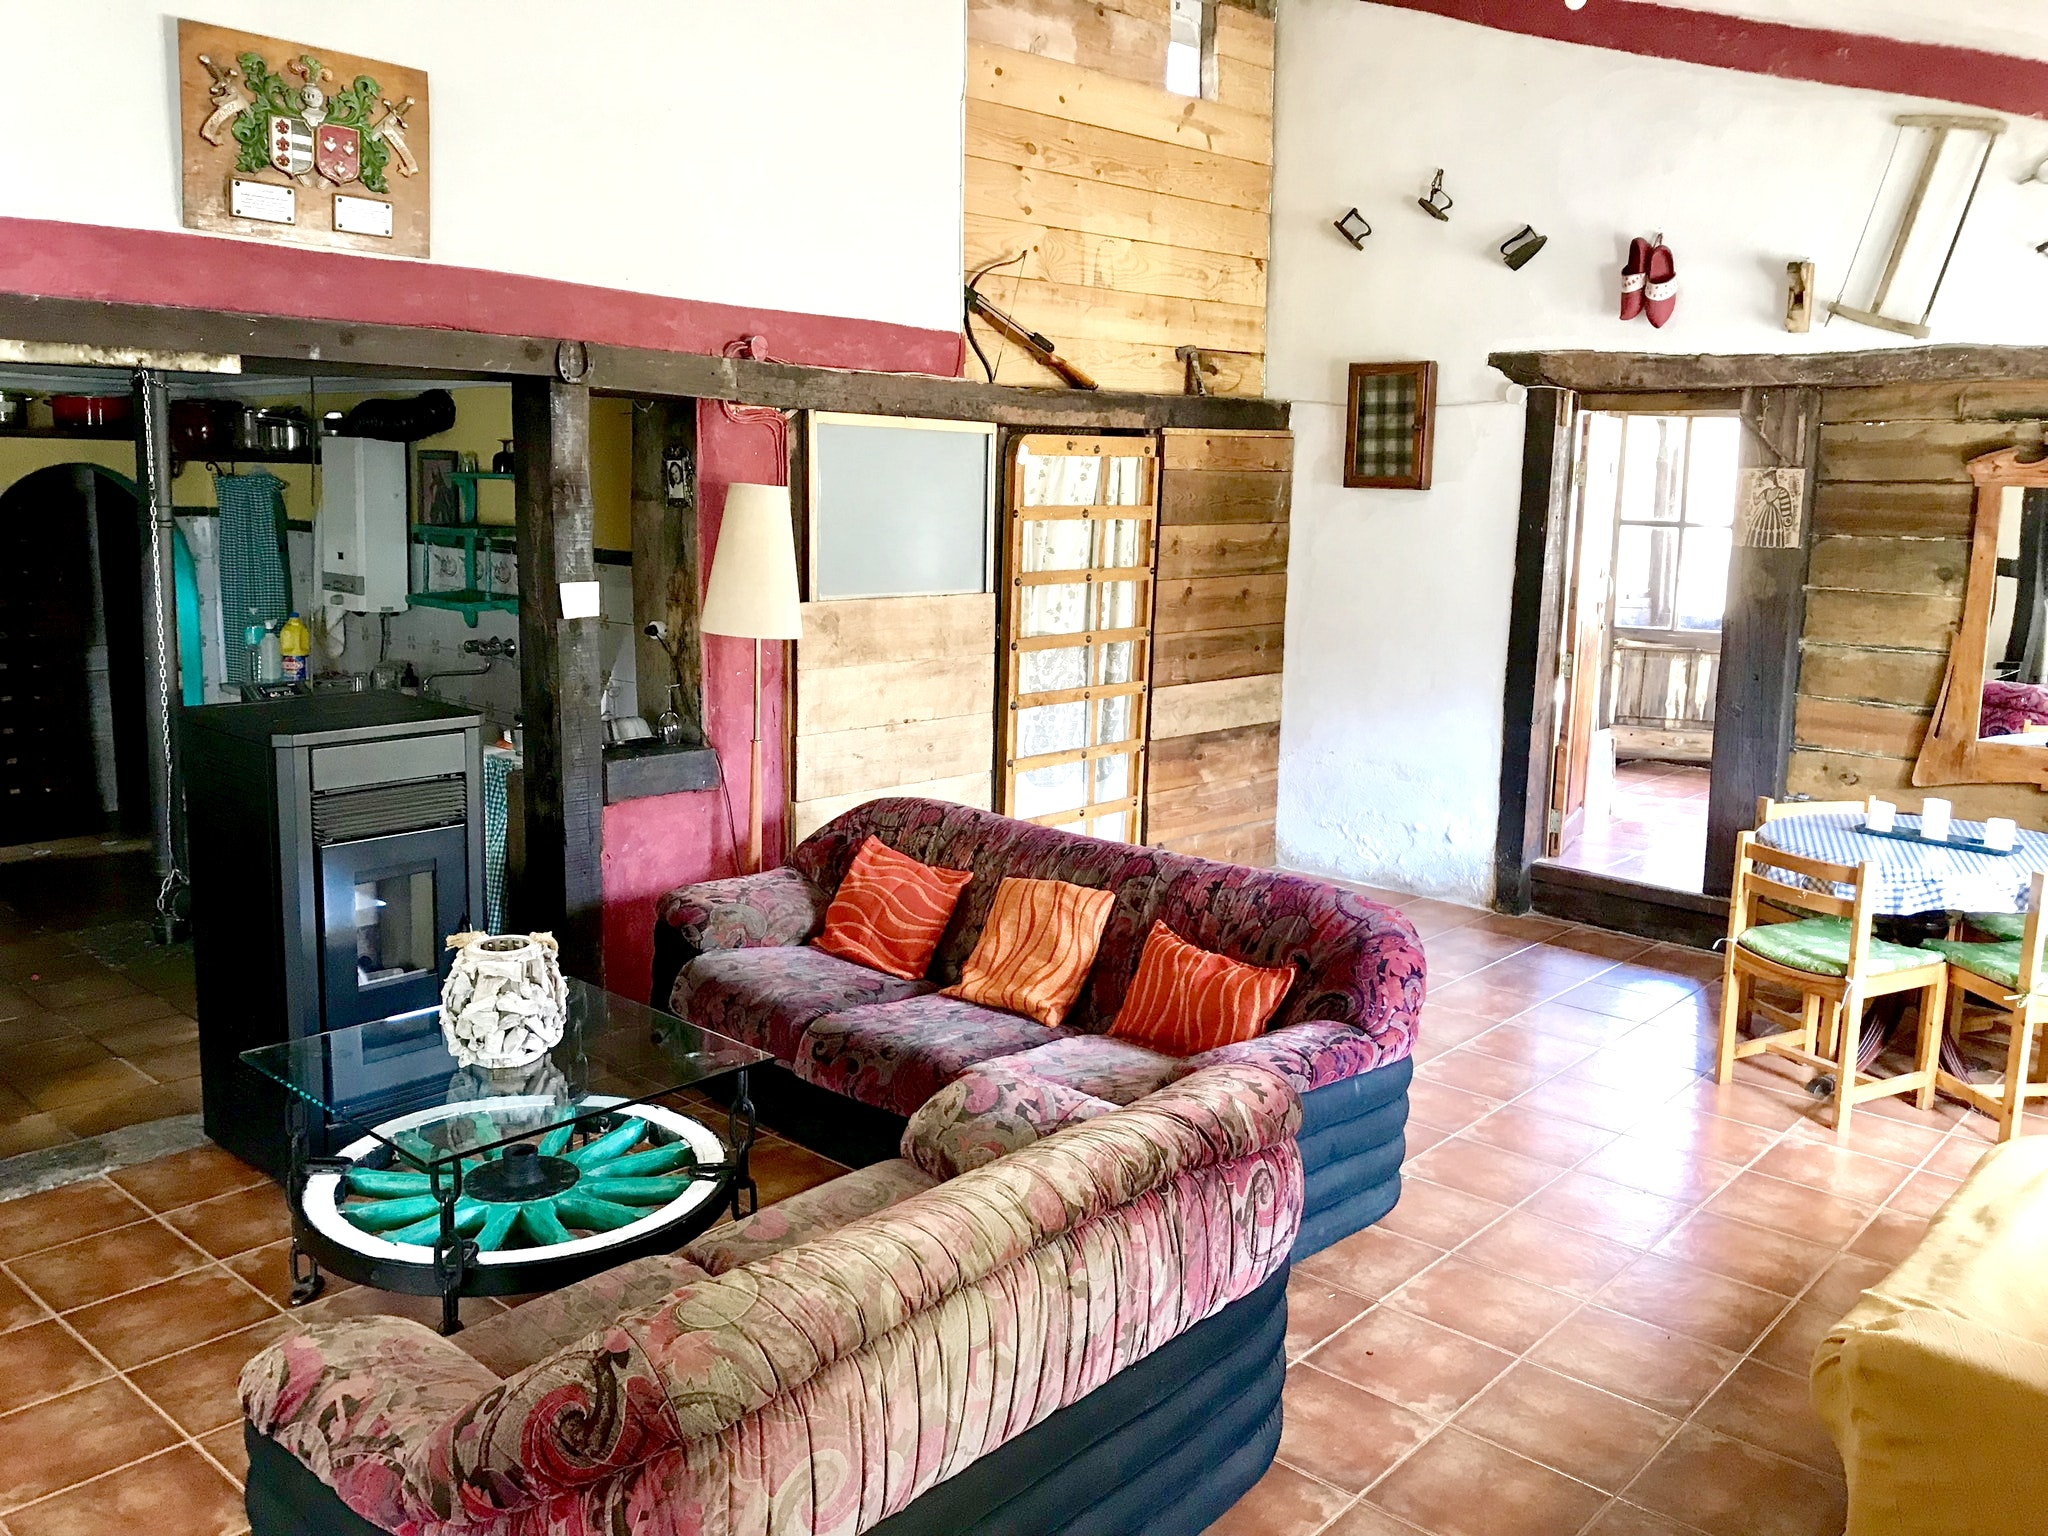 Maison de vacances Hütte mit 4 Schlafzimmern in Camarena de la Sierra mit toller Aussicht auf die Berge, priv (2474258), Camarena de la Sierra, Teruel, Aragon, Espagne, image 9